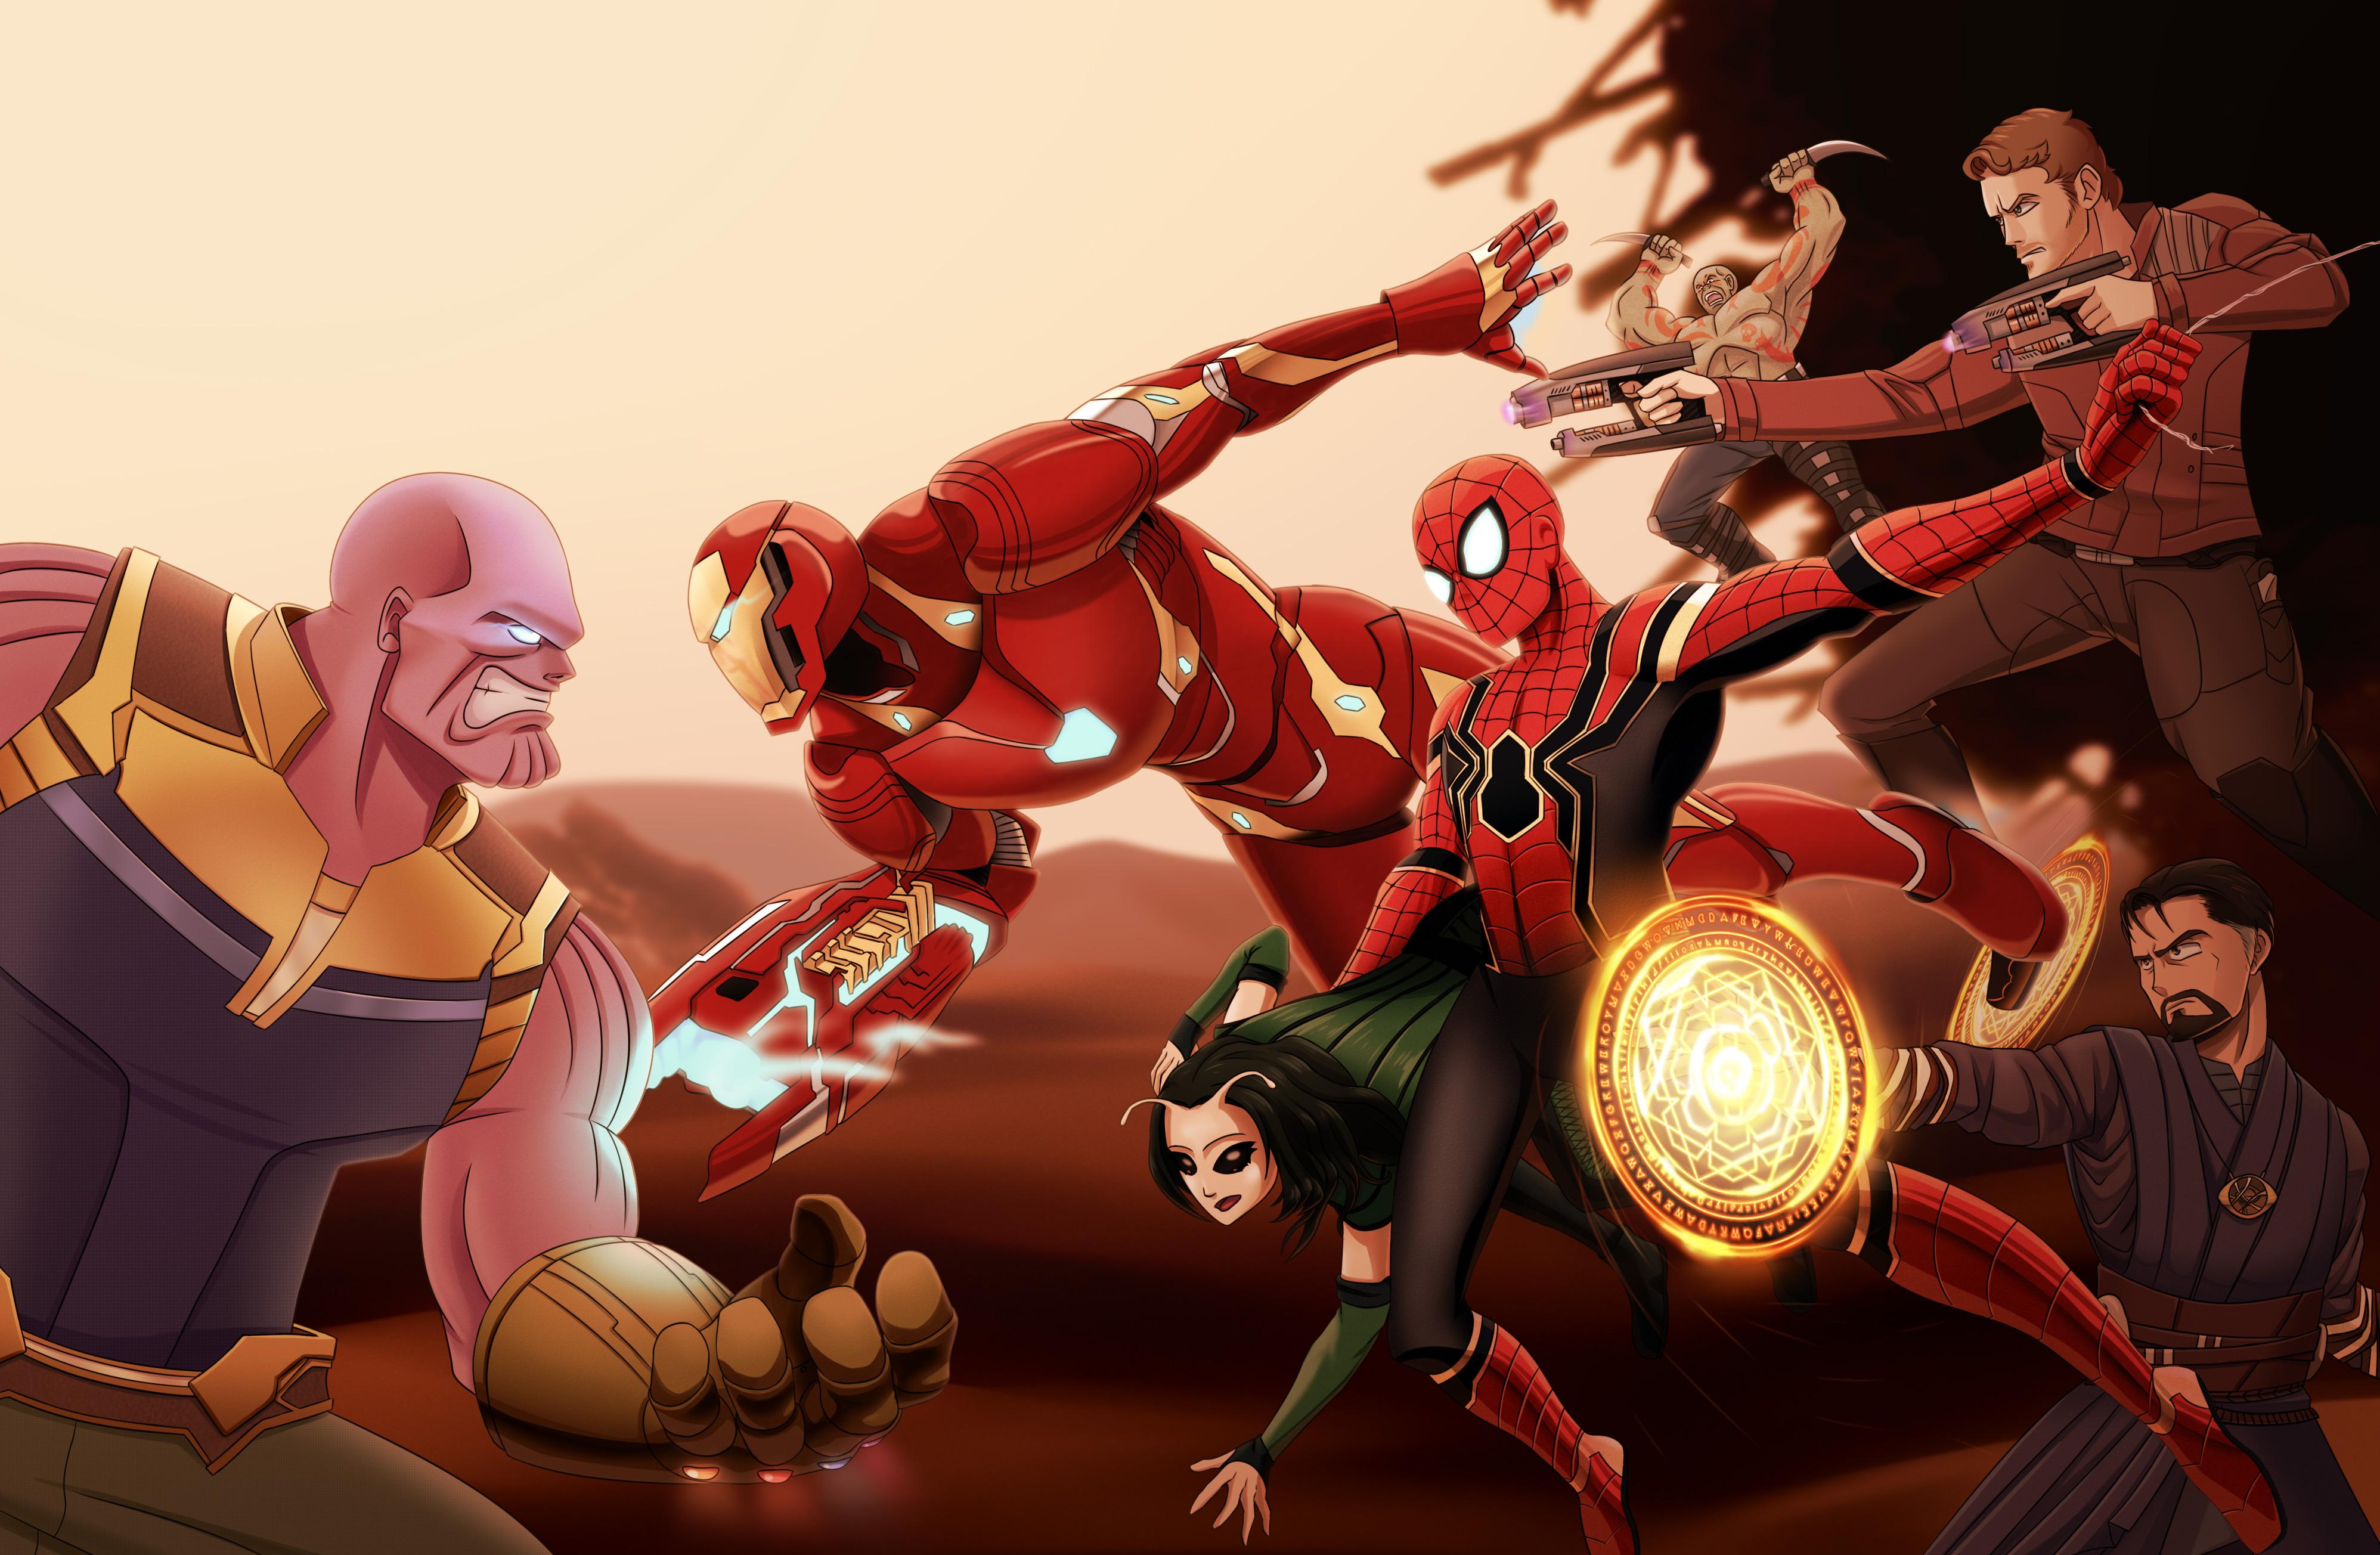 Wallpaper Thanos Avengers Infinity War Artwork Hd: Avengers Infinity War 4k Art, HD Superheroes, 4k